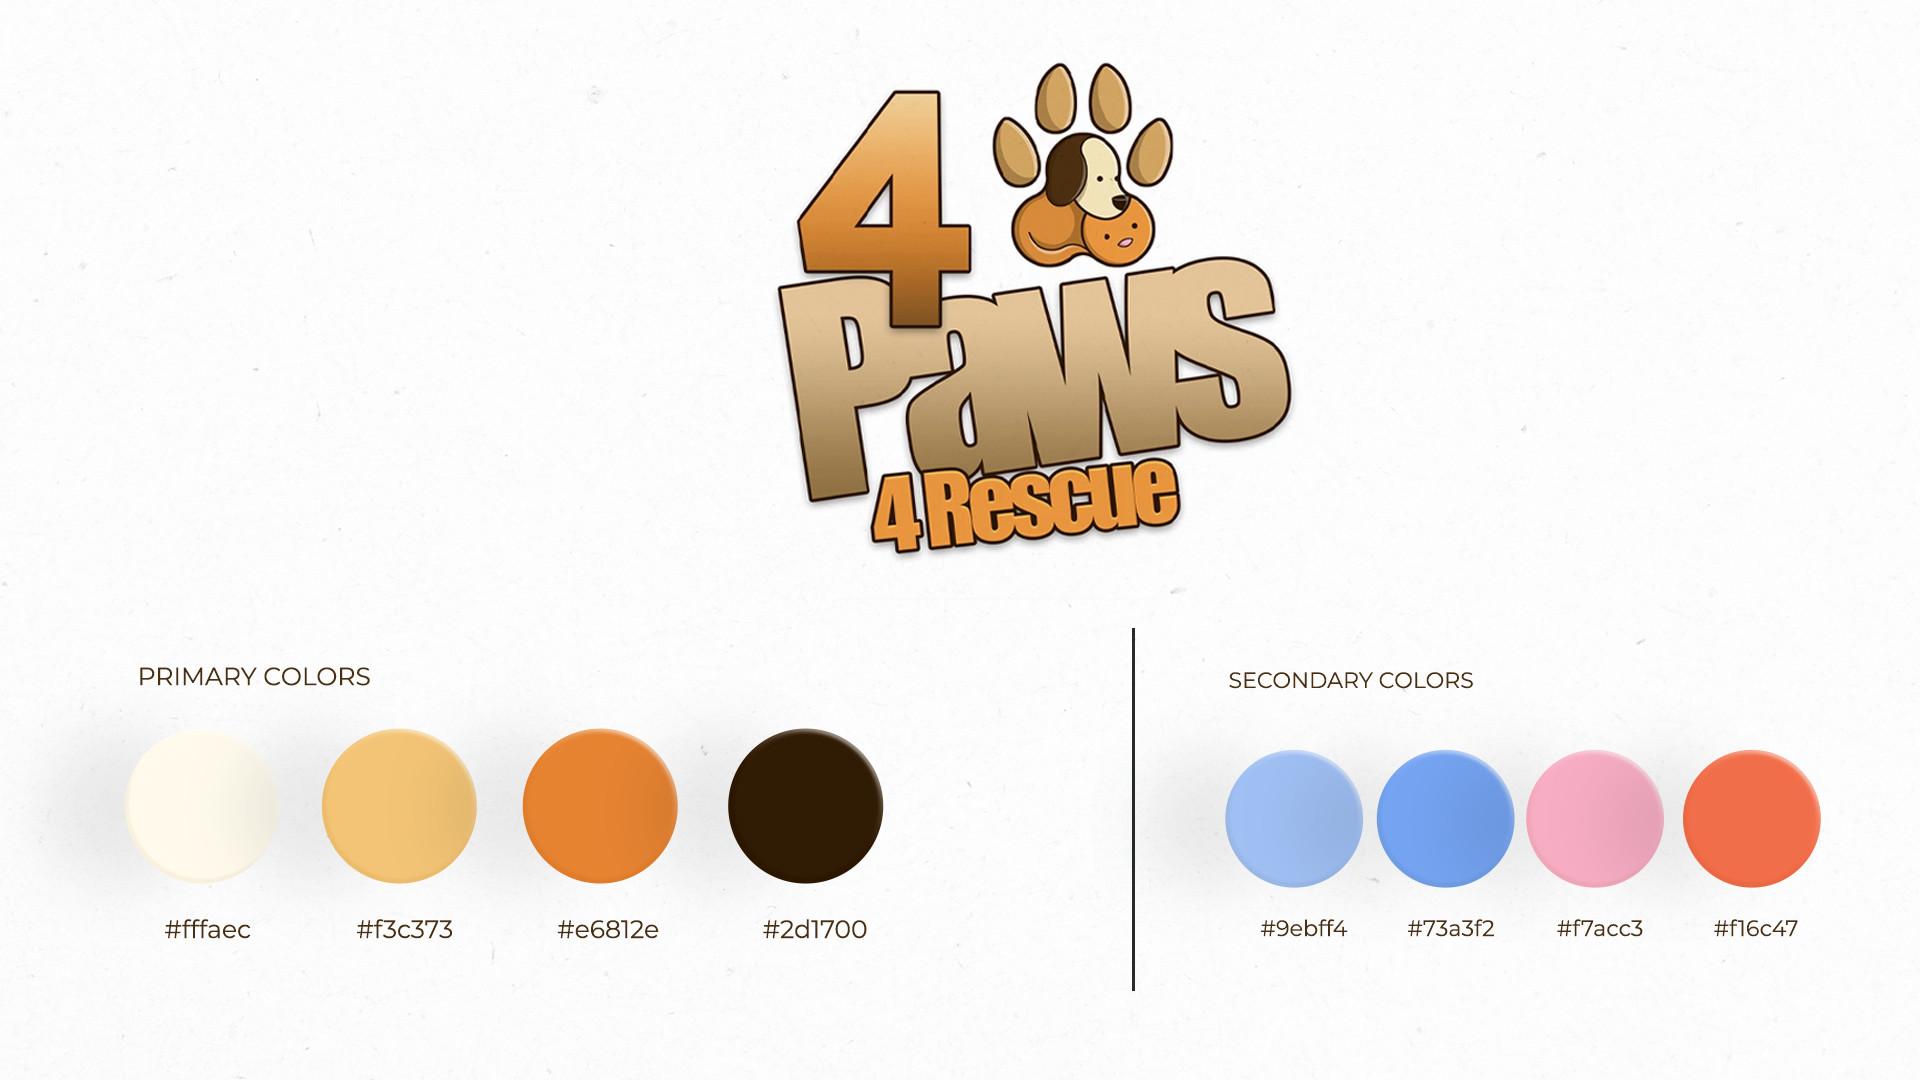 4 Paws 4 Rescue